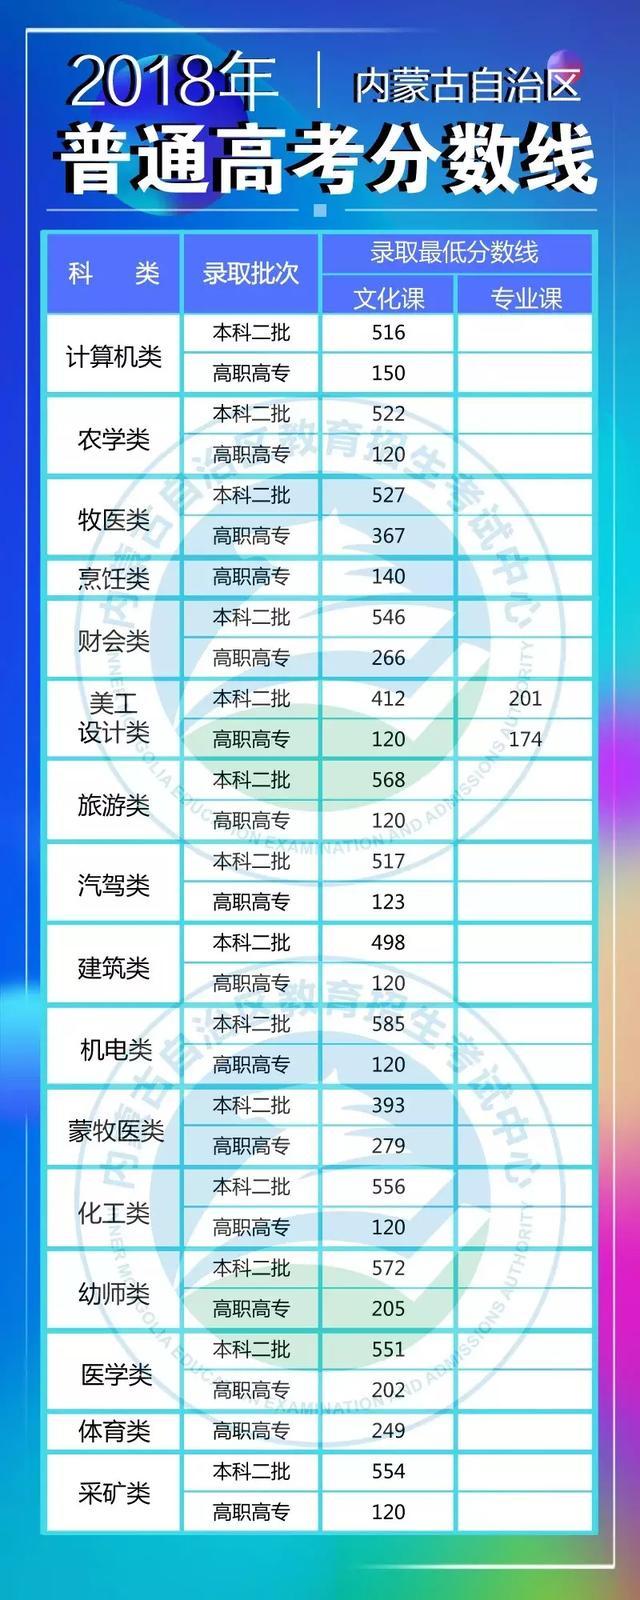 2018年内蒙古高考分数线:一本分数线较去年上涨(文科29分/理科12分)